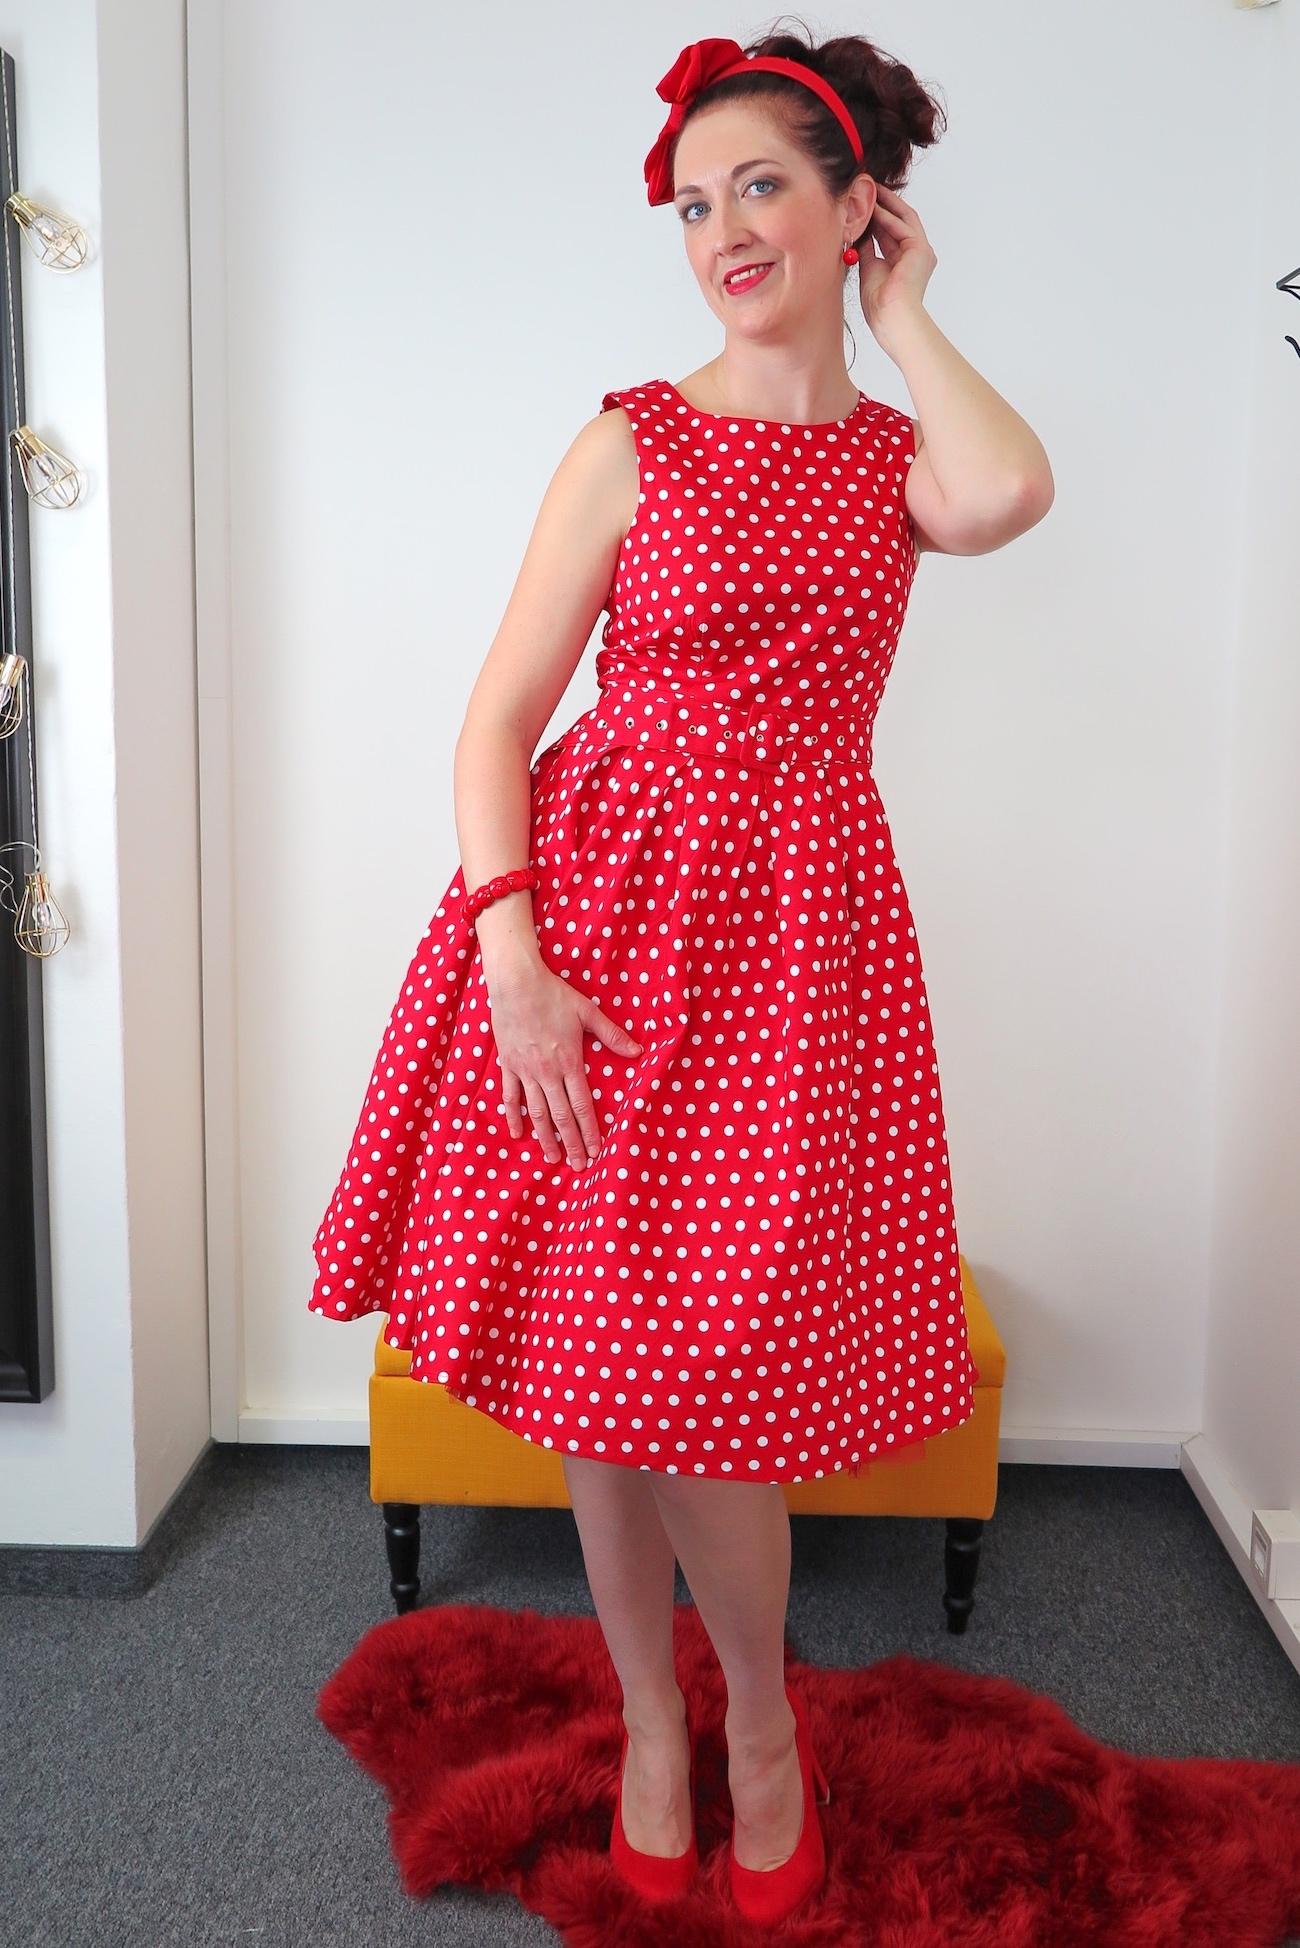 089df1aaab9c Retro šaty bodkované Lola. Štýlové červené retro šaty s bielými bodkami.